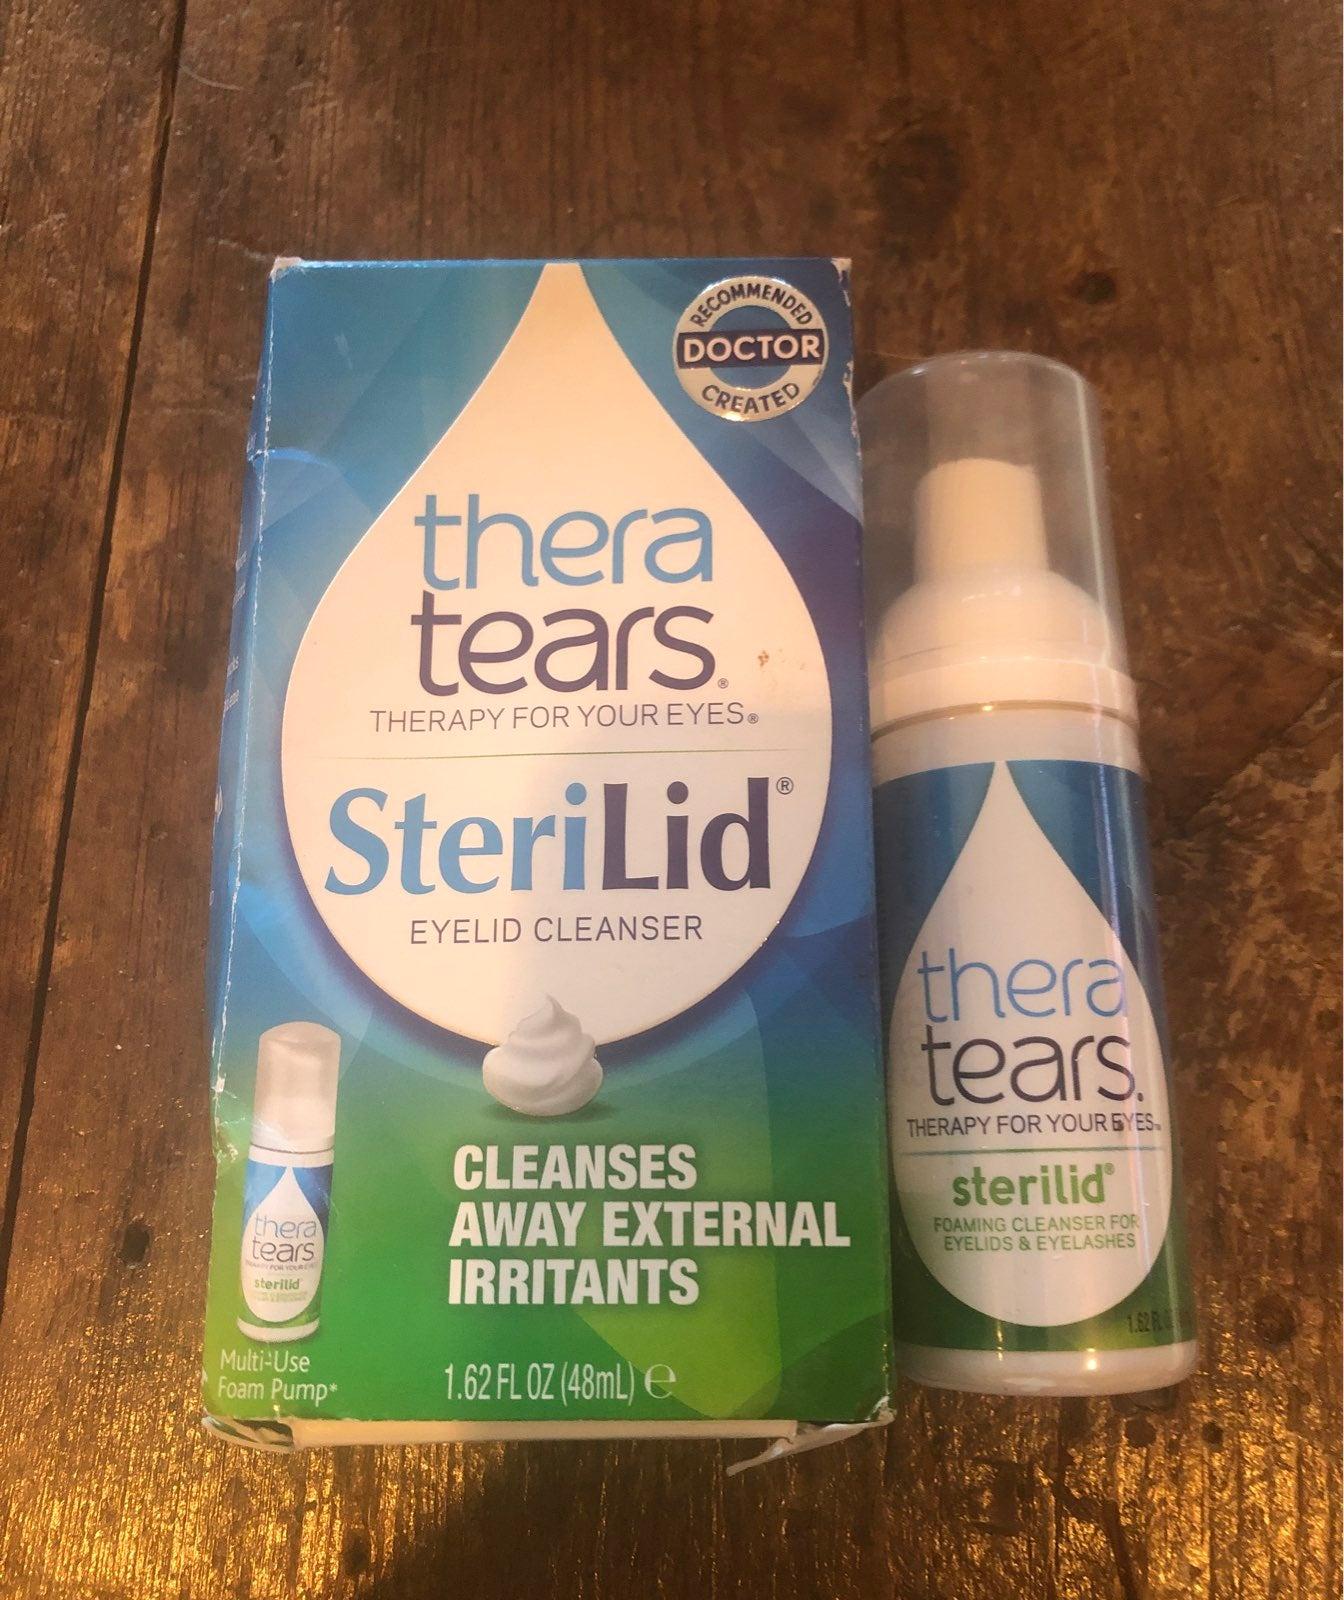 Thera Tears SteriLid Foaming Eyelid Clea